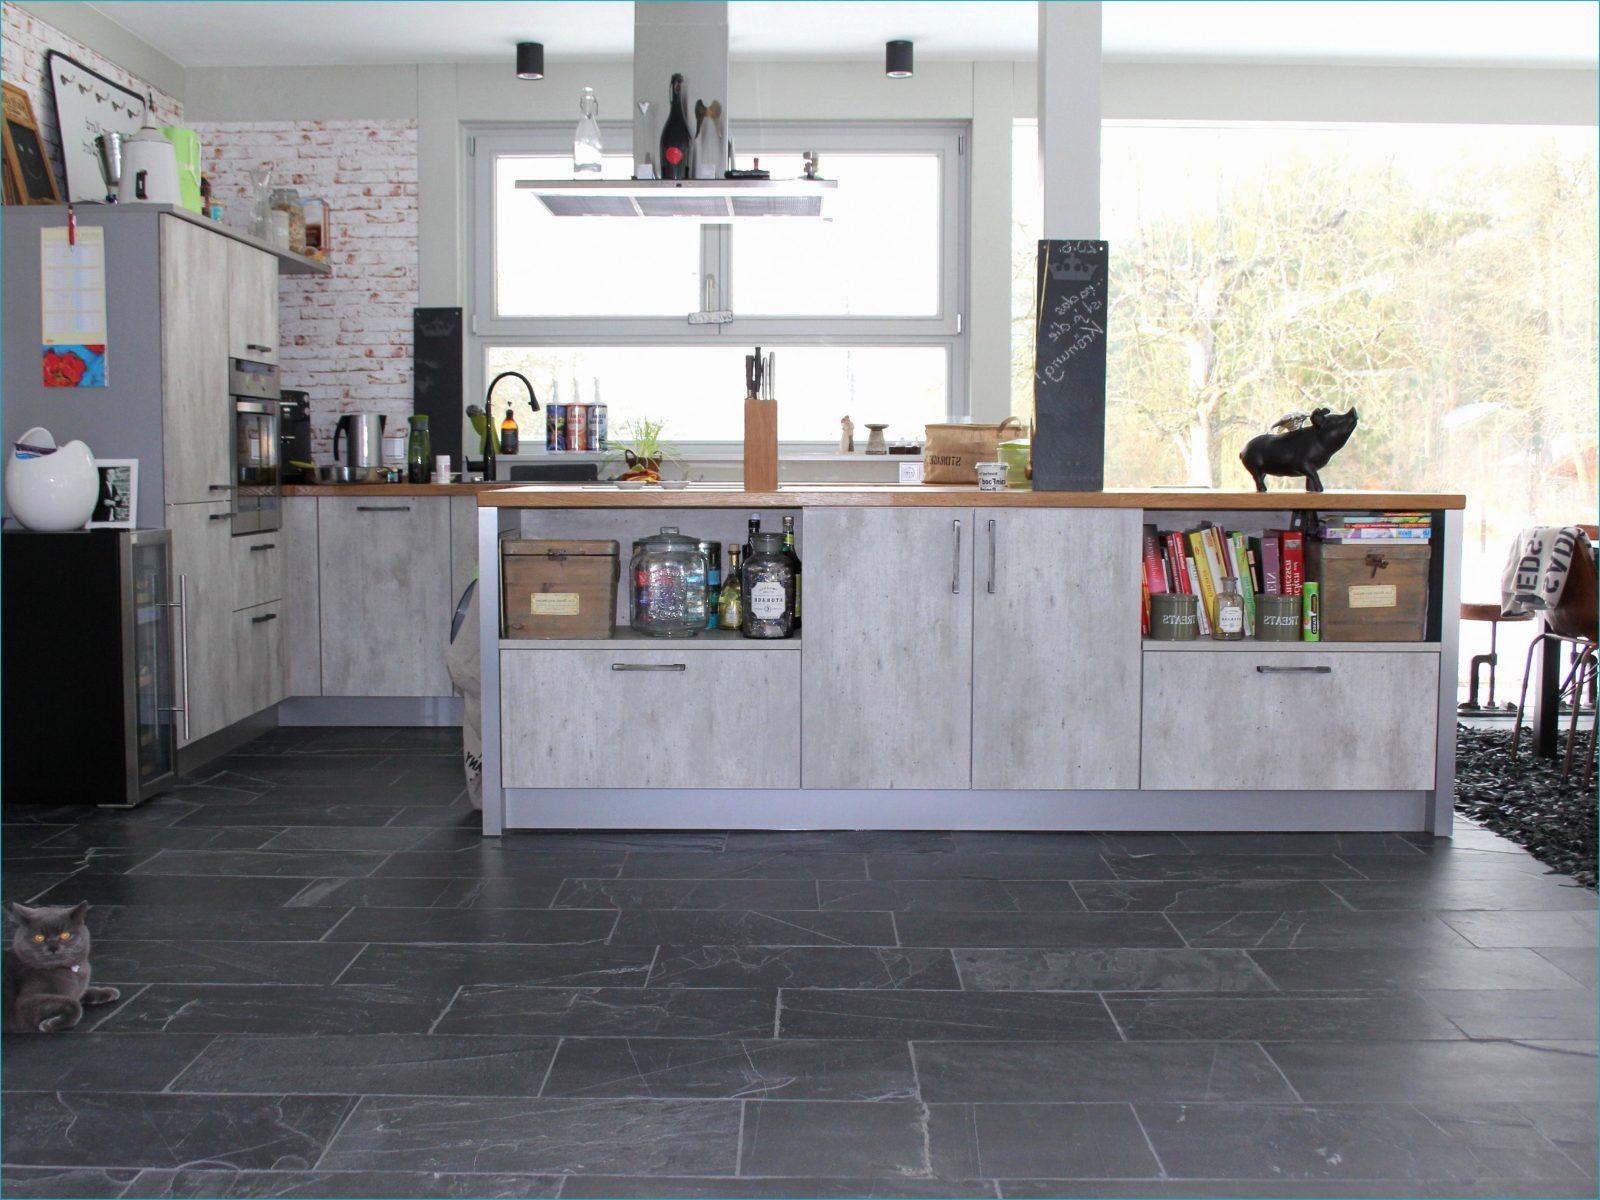 39 Elegant Bilder Von Holzküche Streichen Vorher Nachher  Haus von Küche Eiche Rustikal Streichen Bild